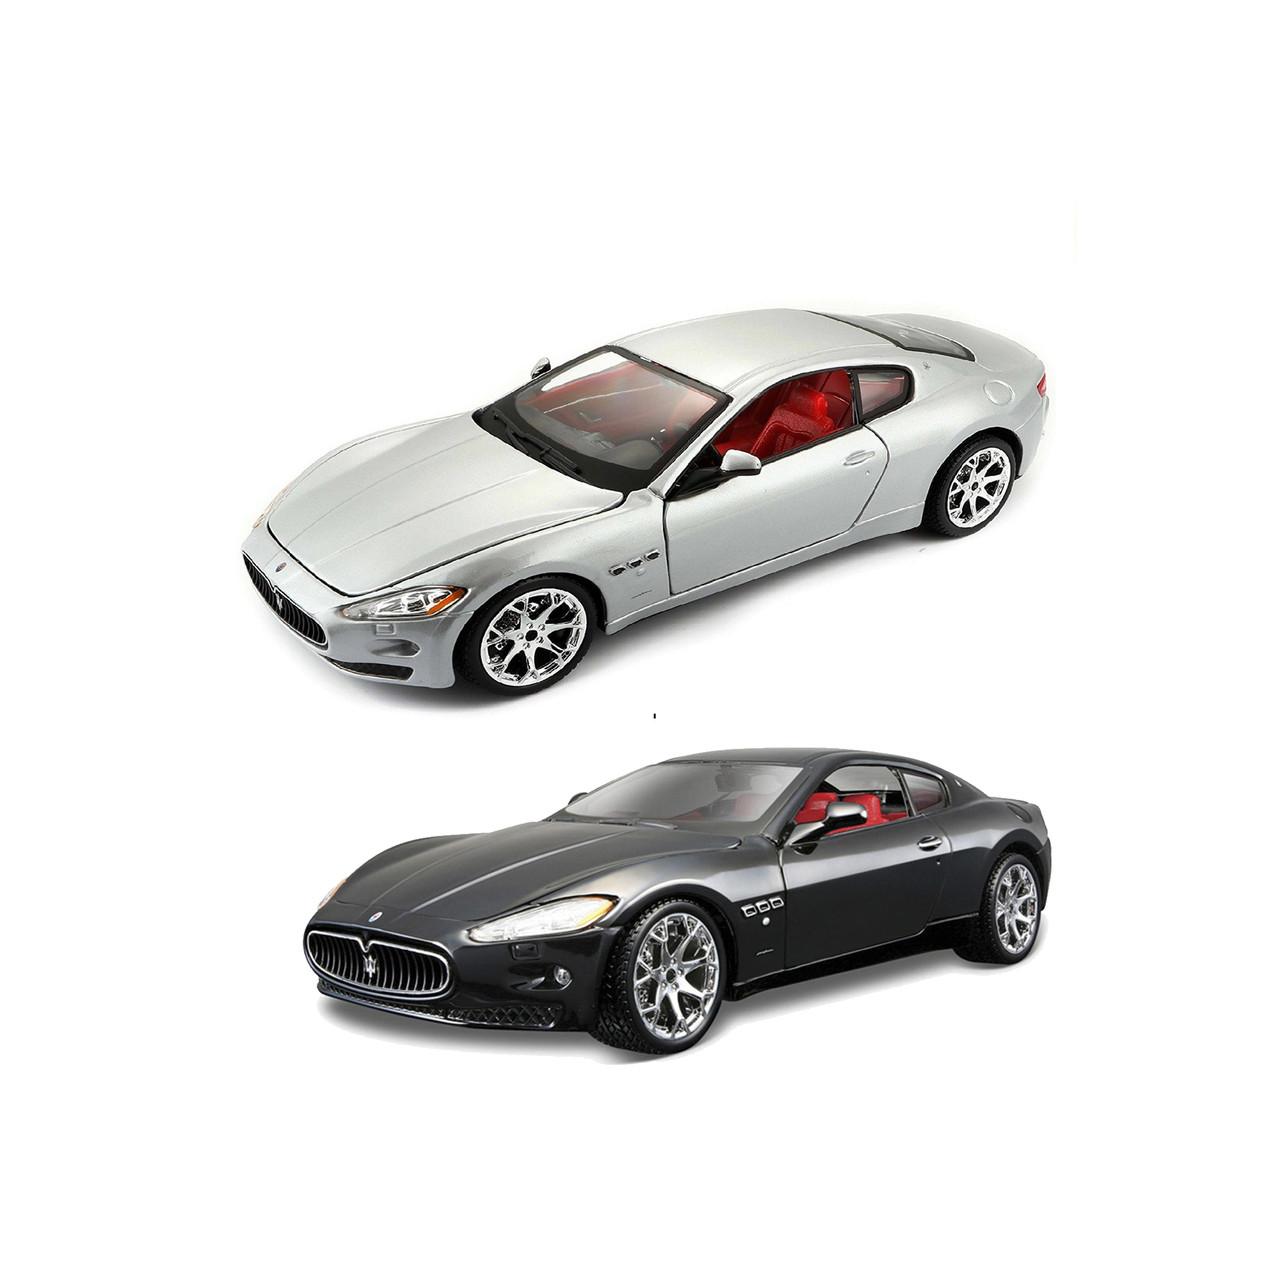 Модель Maserati Grantourismo 2008 черный, серебристый 1:24 BBurago 18-22107